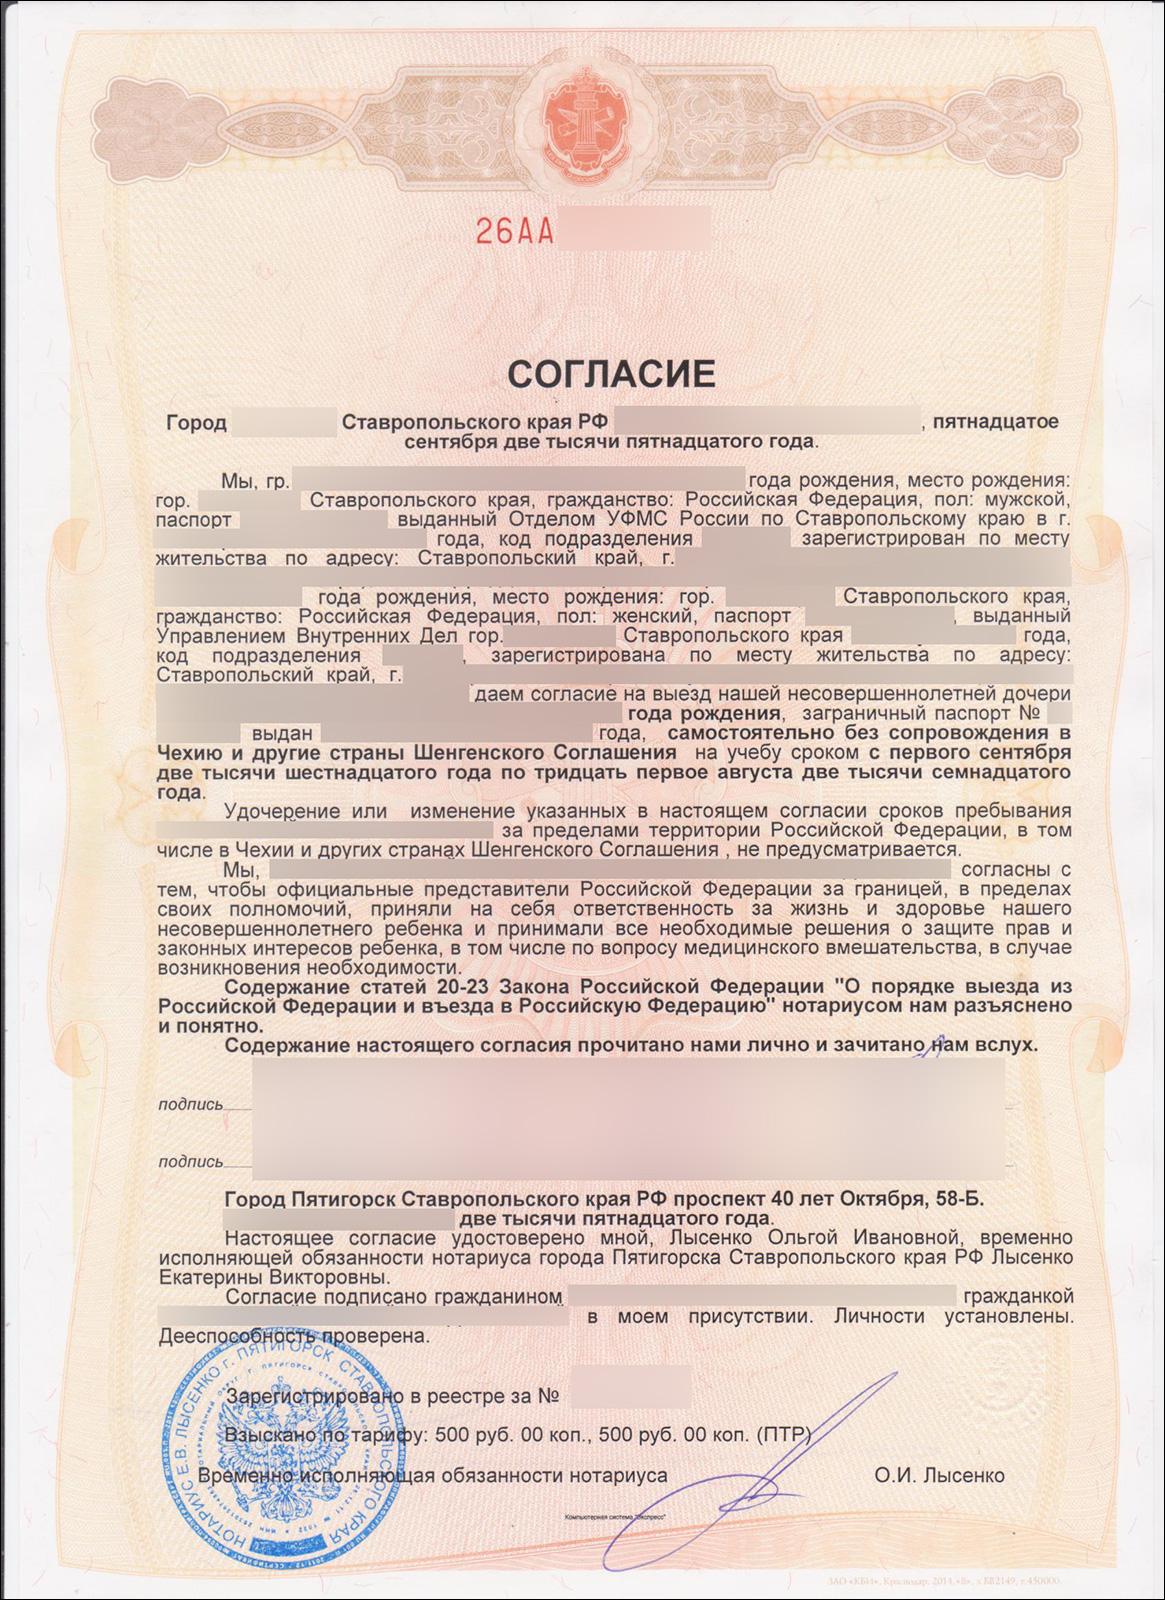 Где зарегистрироваться на гос услугах в белгороде